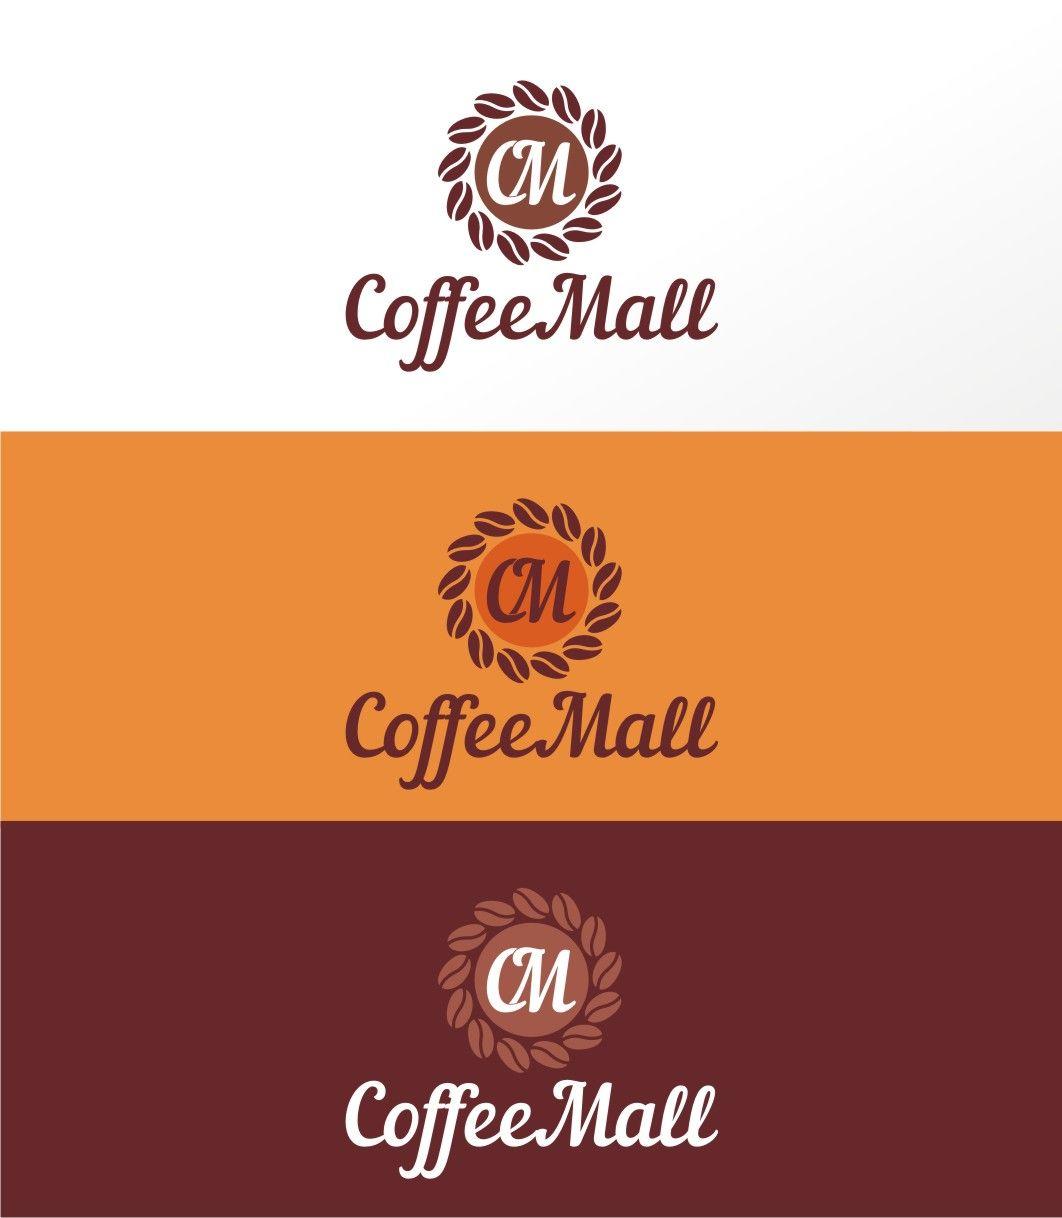 Фирменный стиль для компании КофеМолл - дизайнер ideograph